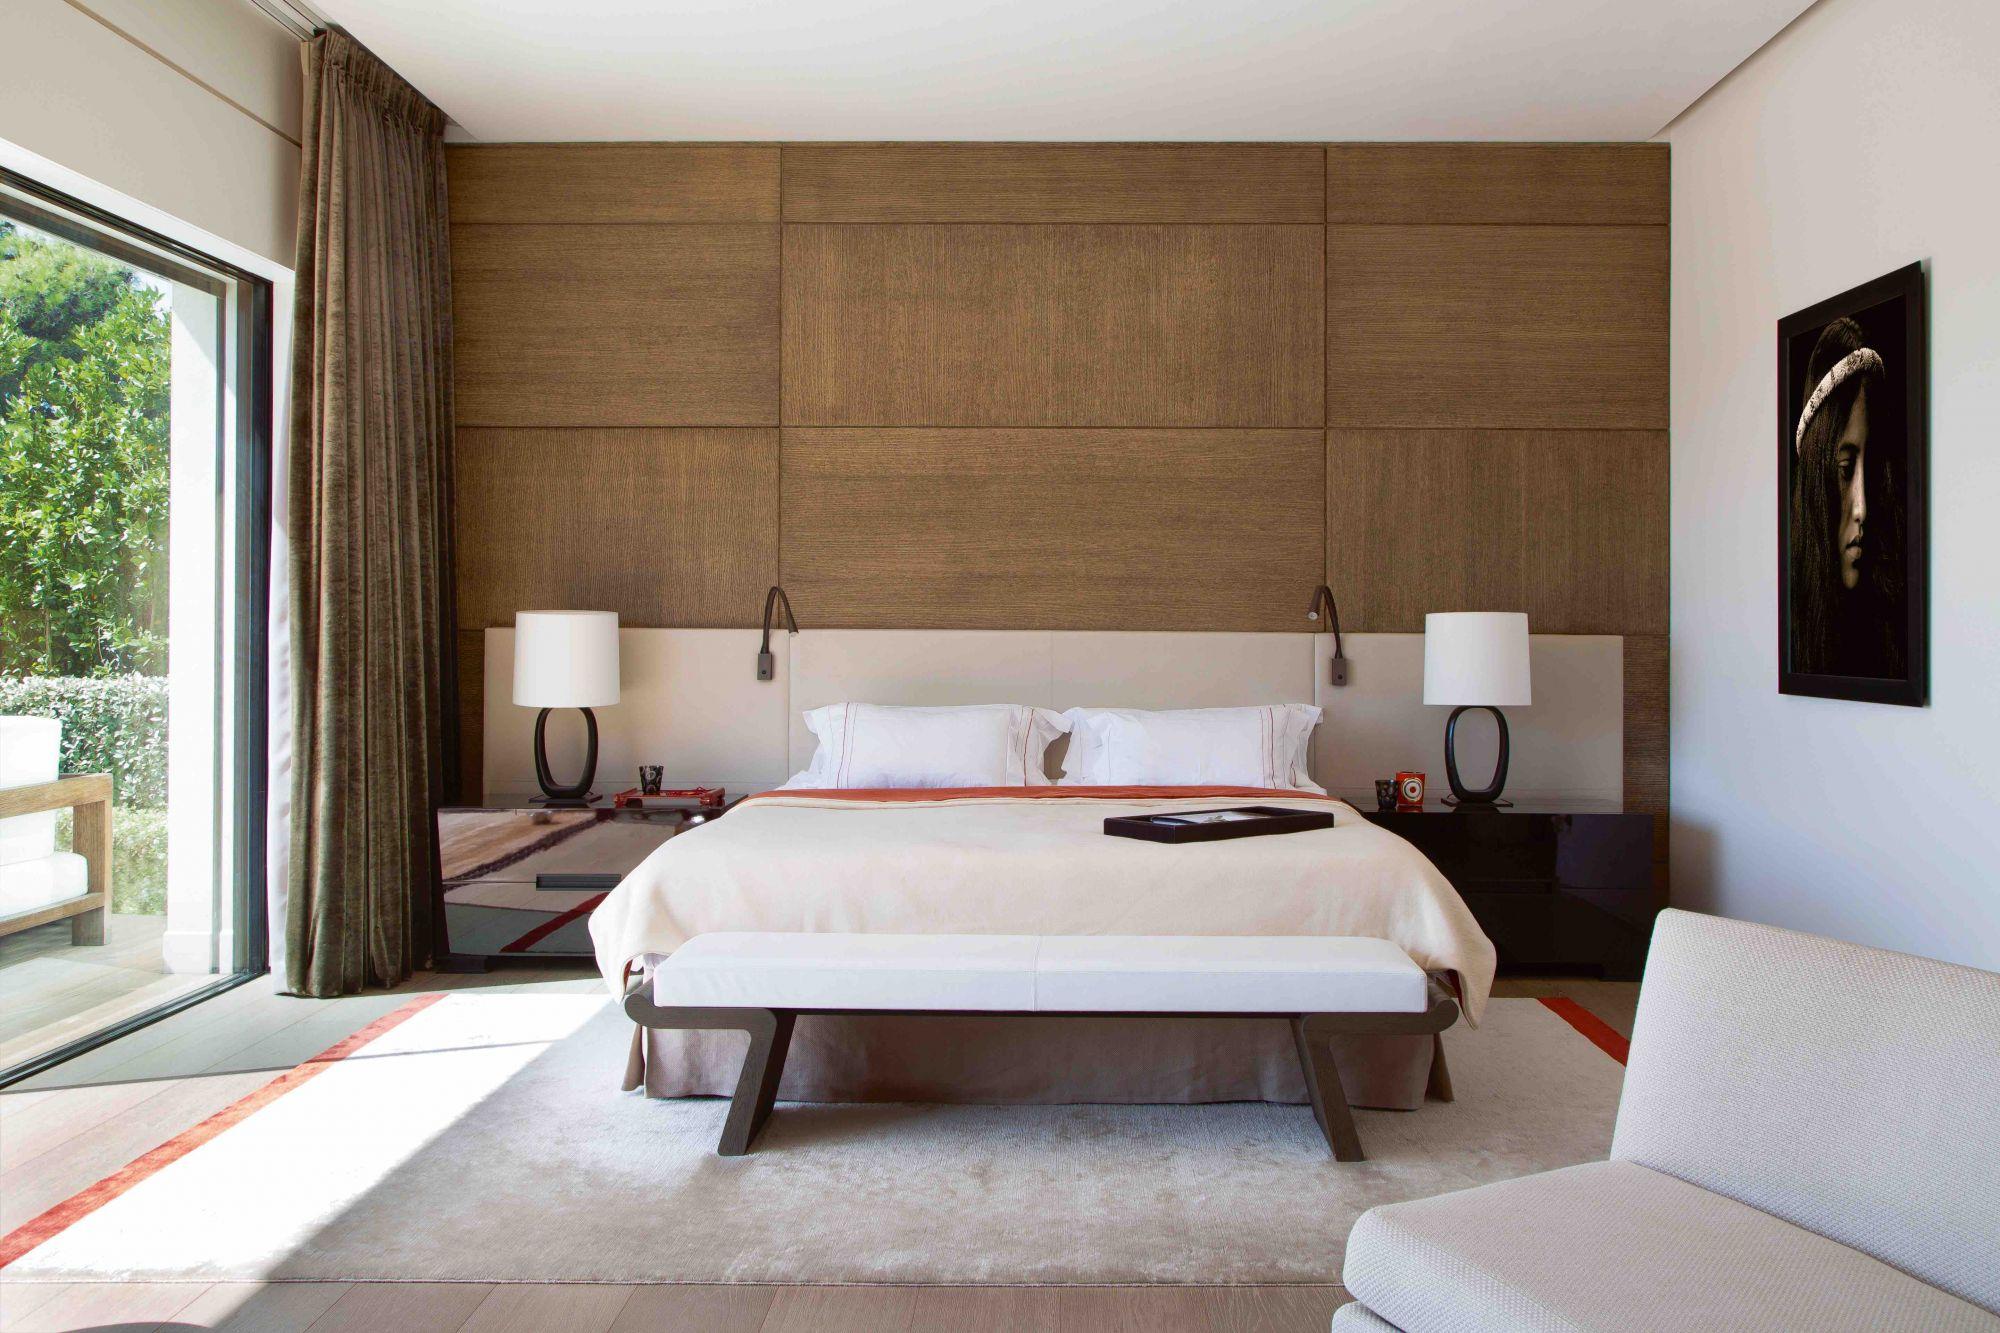 Αυτό το υπνοδωμάτιο διαθέτει δερμάτινα ακουστικά, προσαρμοσμένα κομοδίνα και ένα ζευγάρι λαμπτήρων κίτρου από το Leigh.